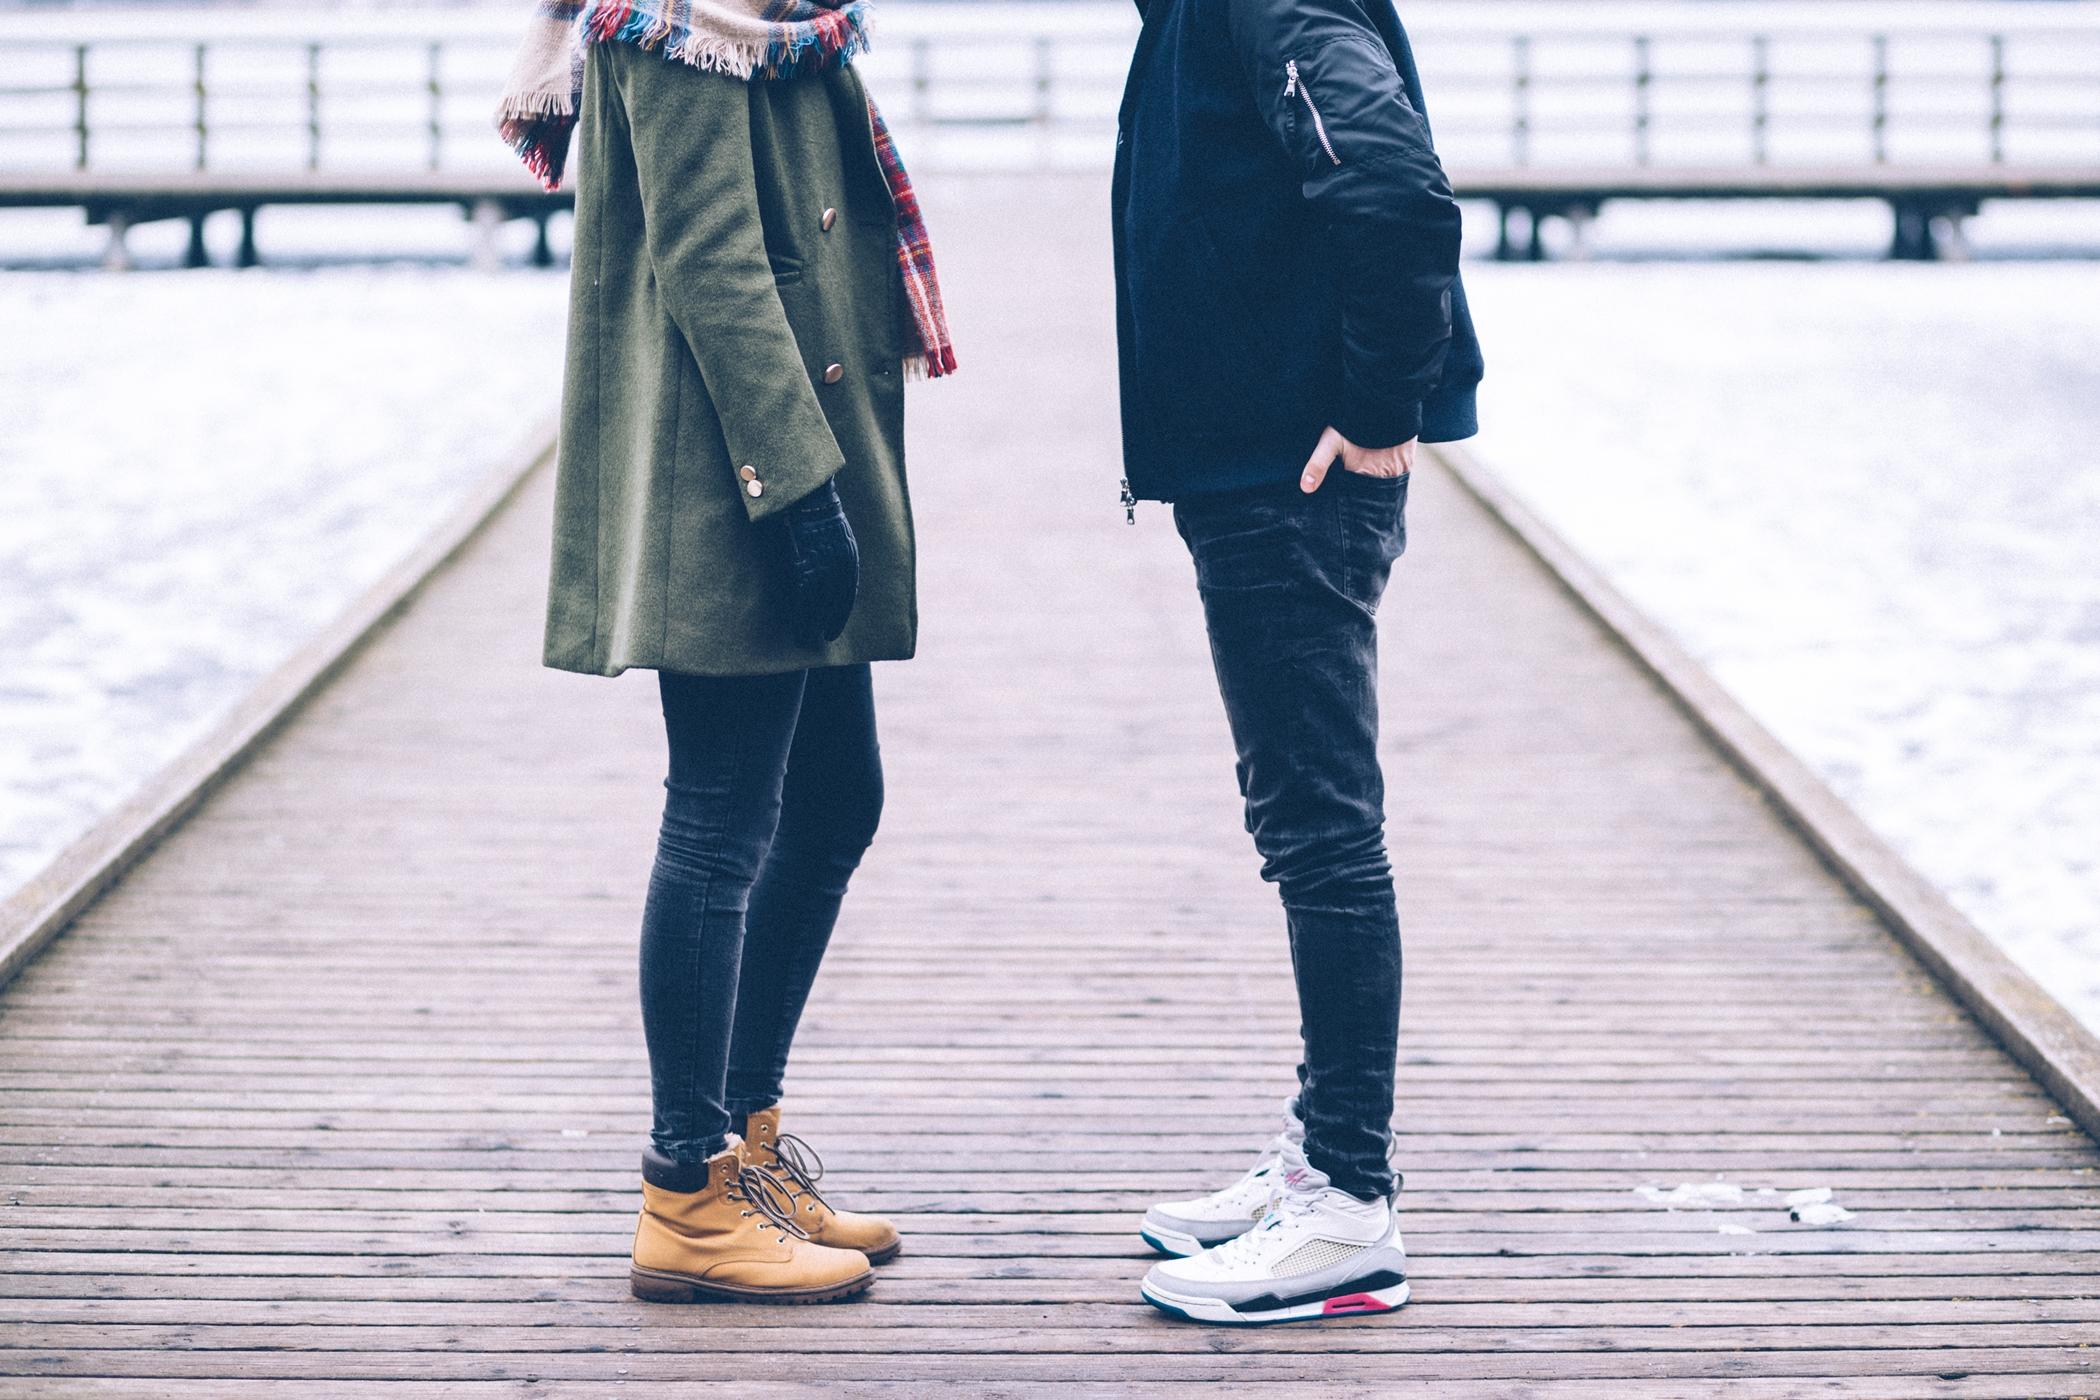 Co lze očekávat při randění s rakovinou